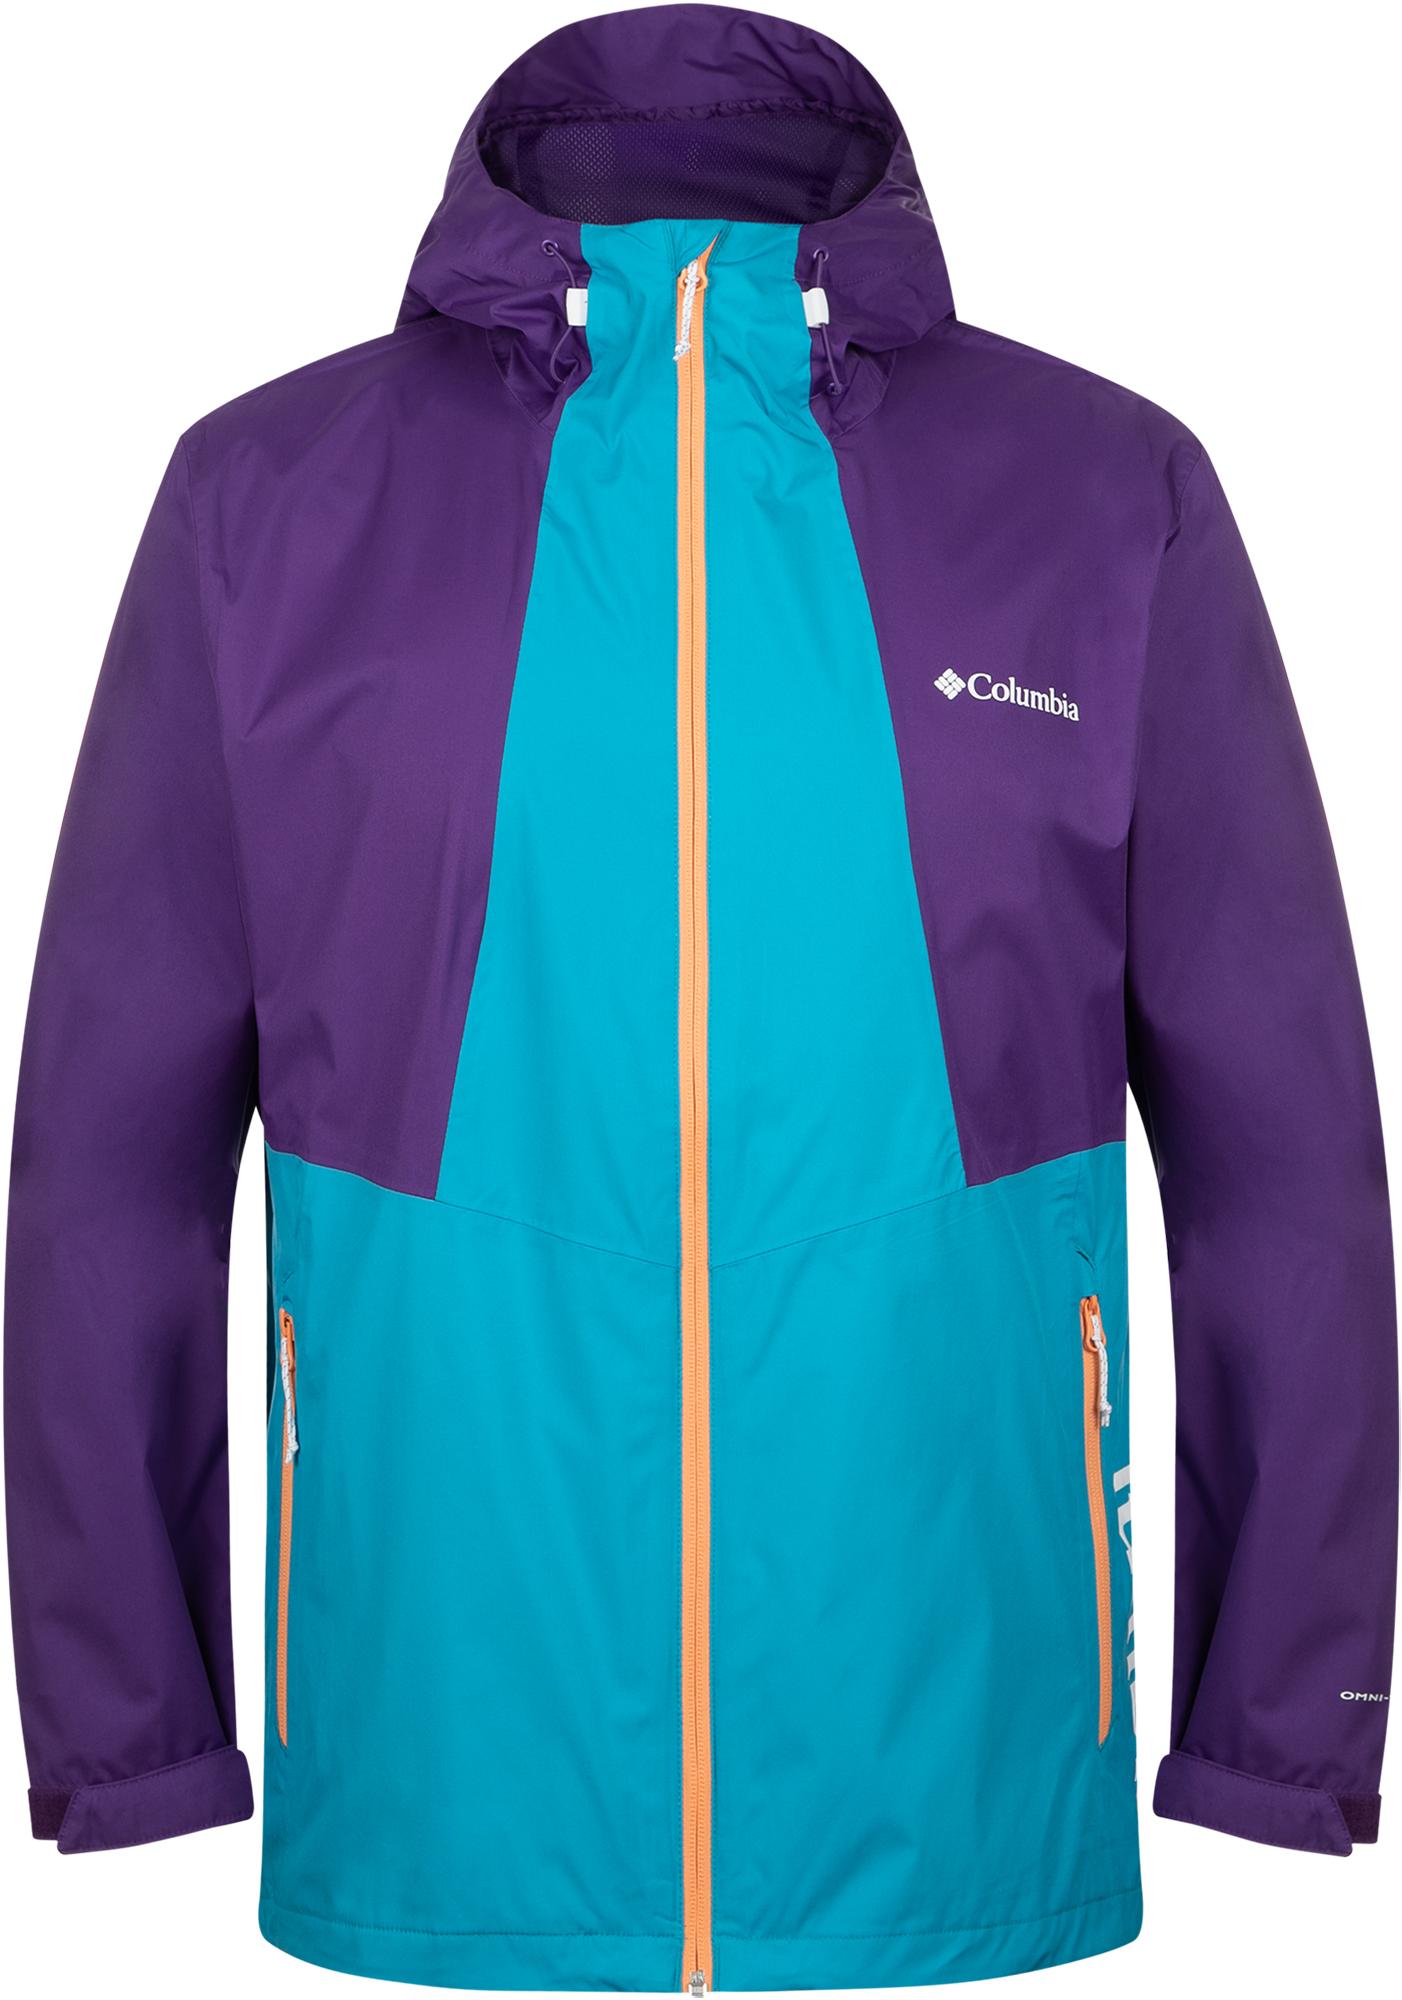 Columbia Куртка мембранная Columbia Inner Limits™ II, размер 48-50 columbia куртка columbia falmouth™ размер 48 50